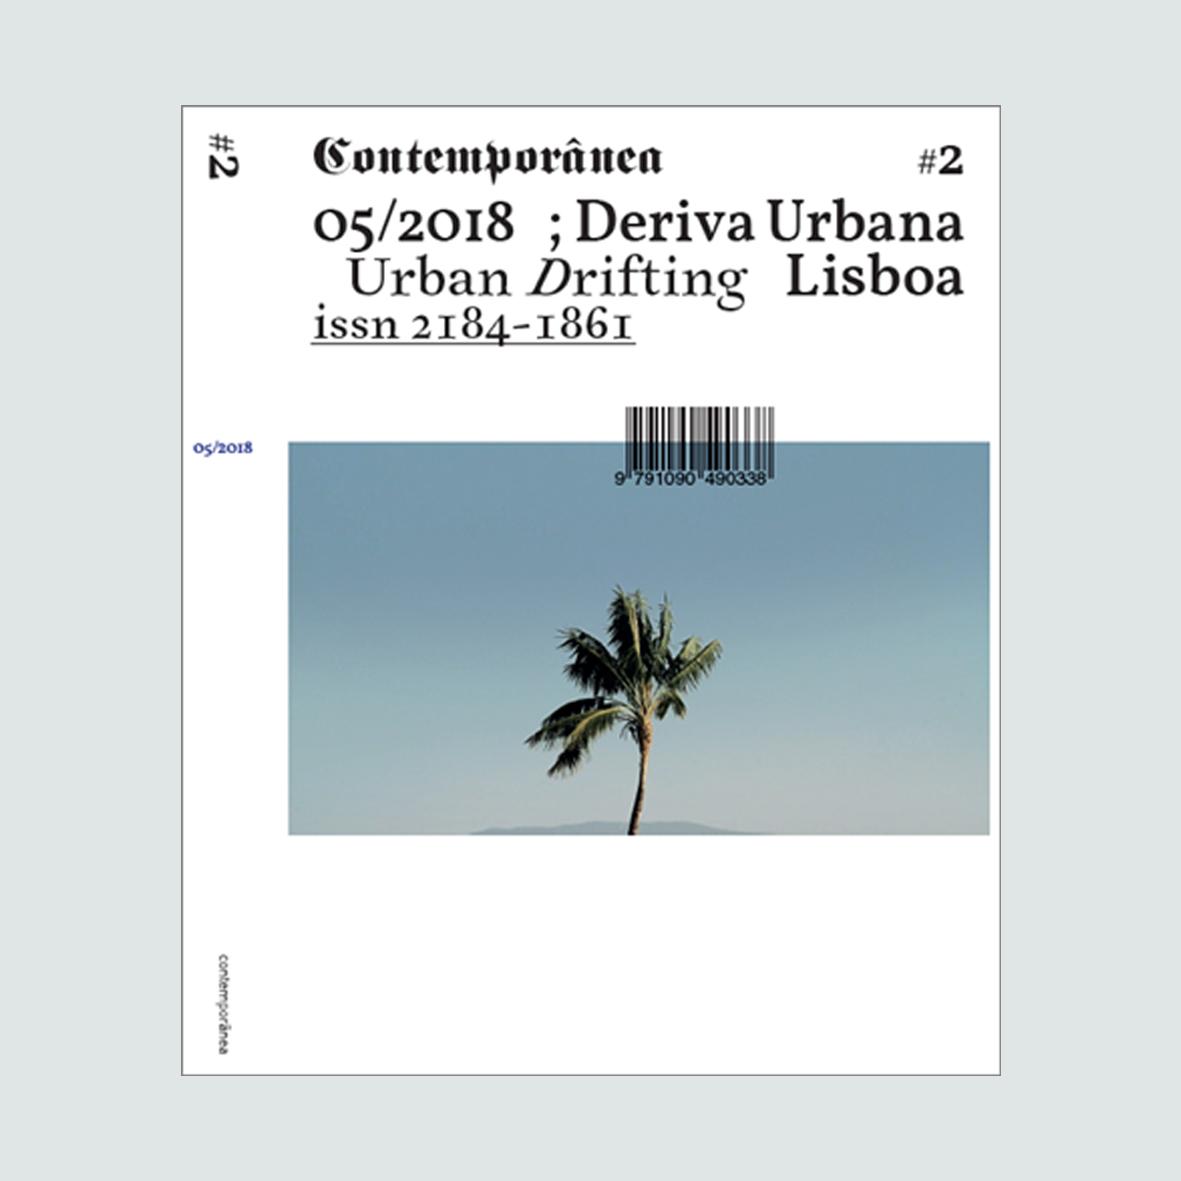 #2 Deriva Urbana